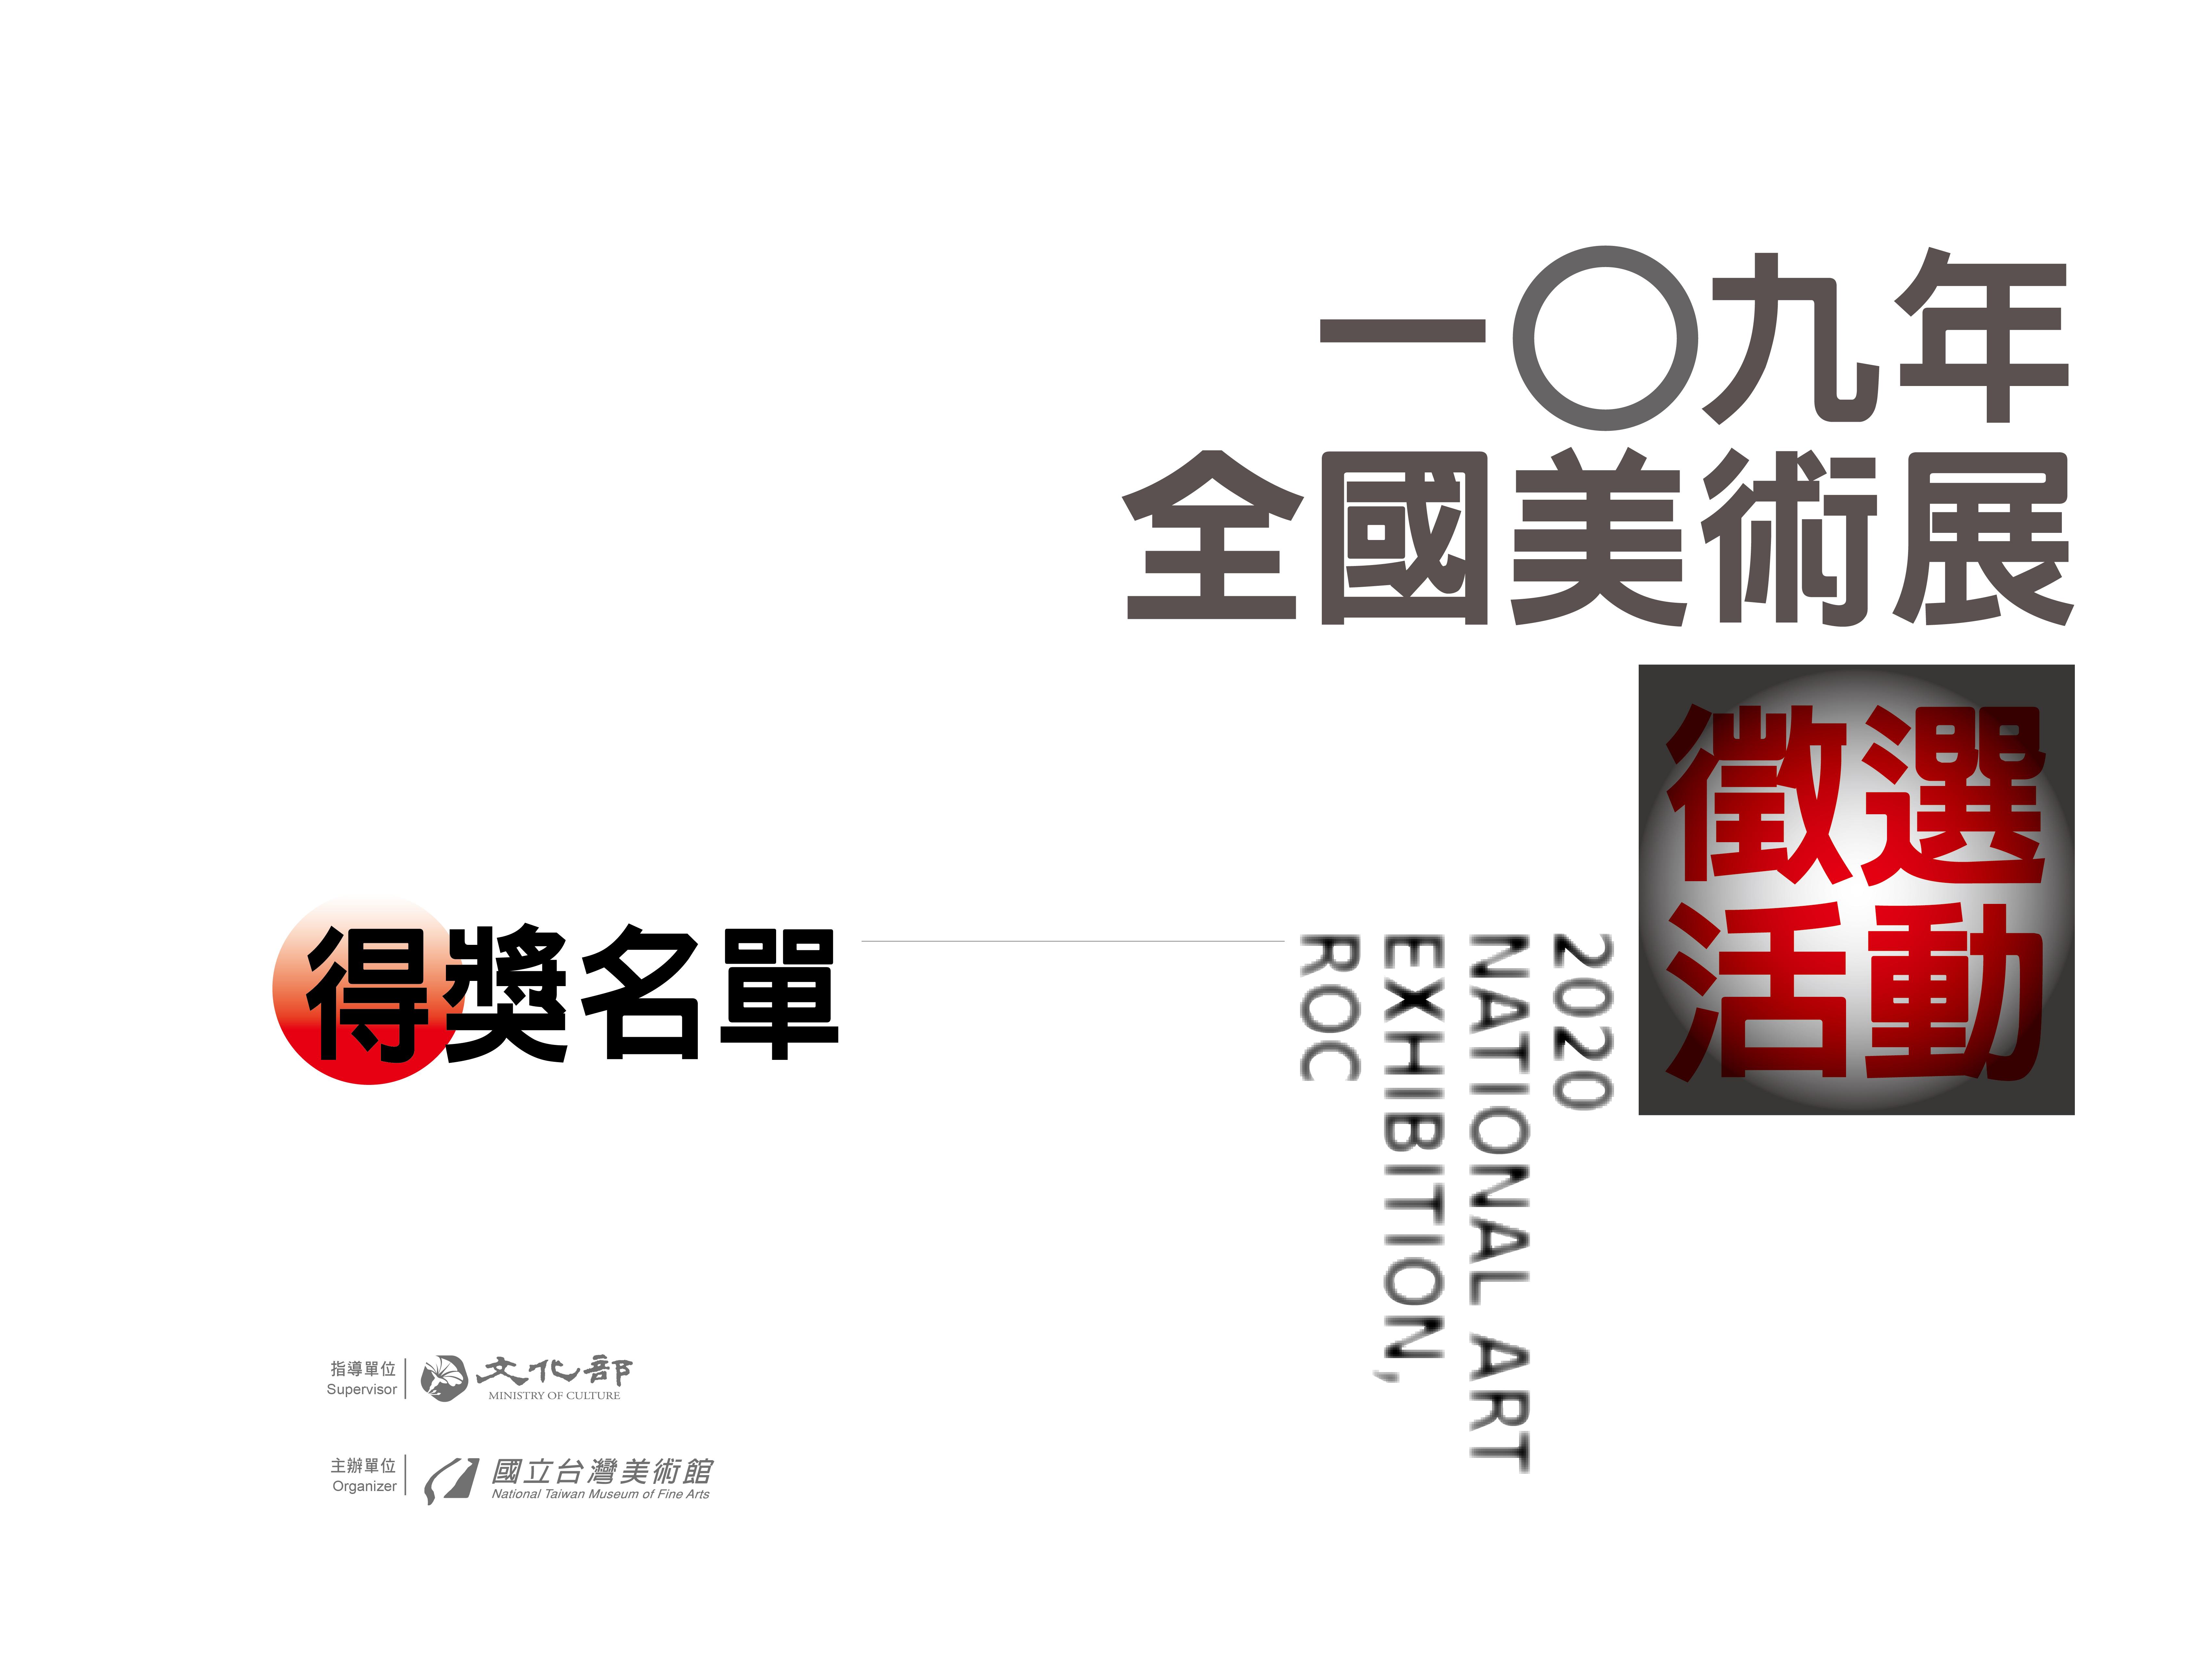 「一○九年全國美術展」入選以上得獎名單公布opennewwindow